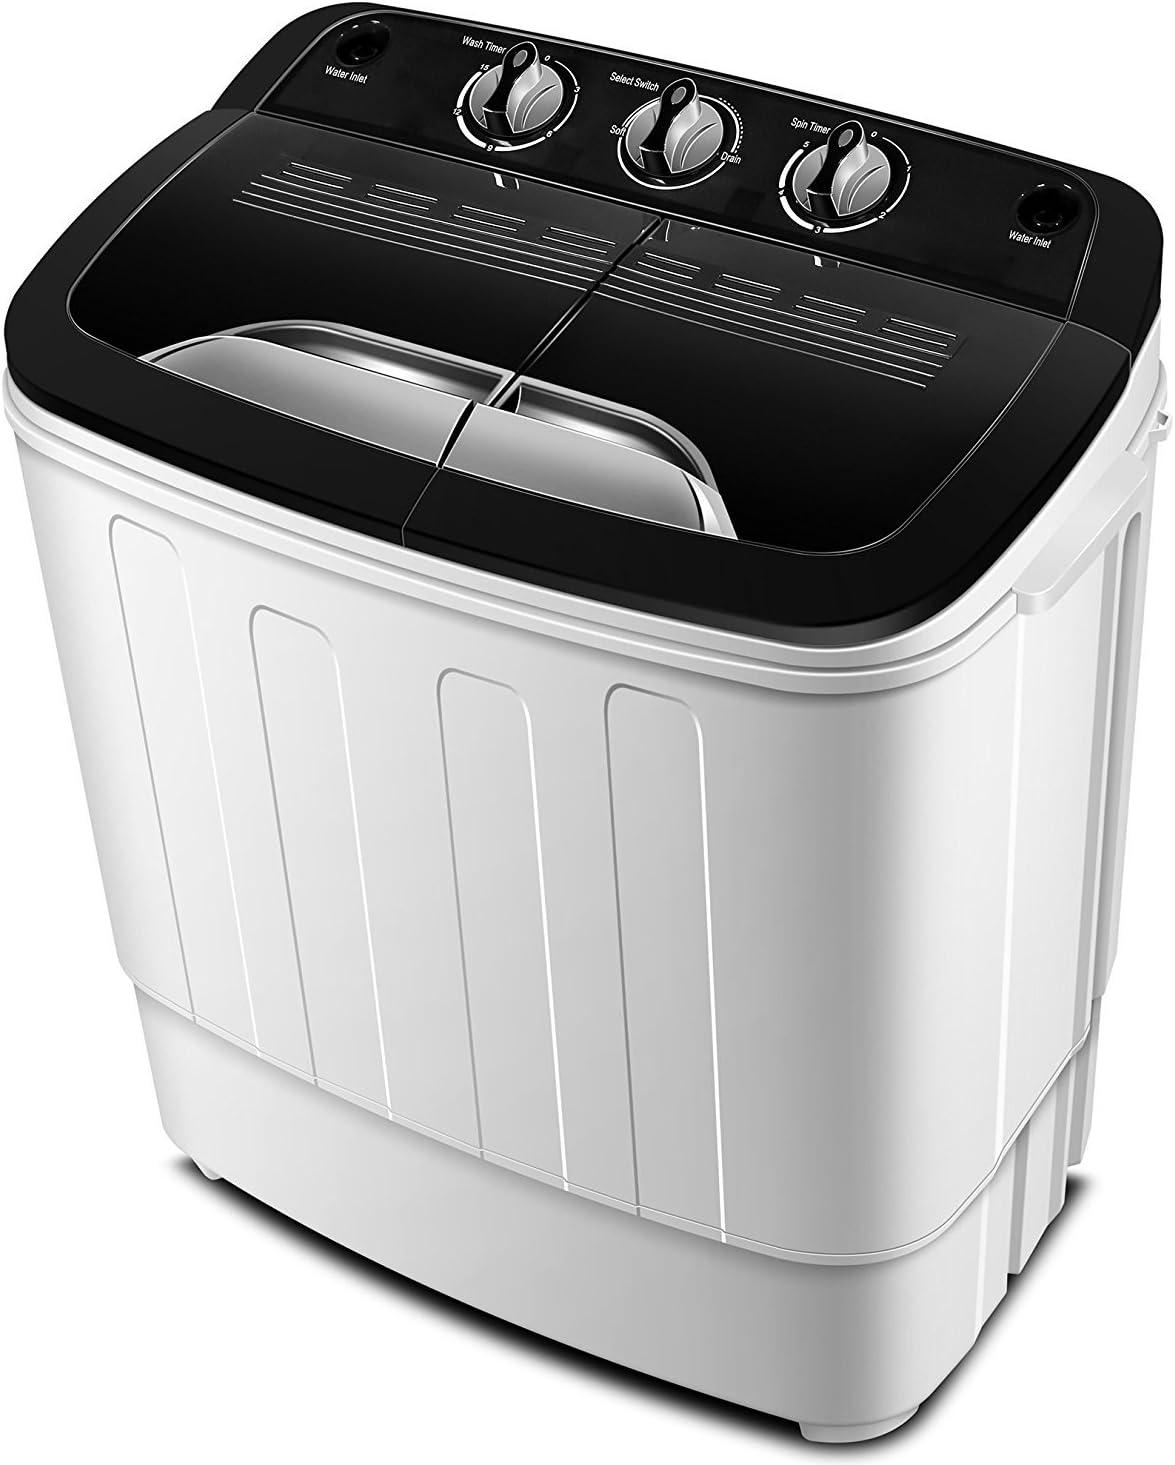 Lavadora portátil TG23 - lavadora de la bañera gemela con Ciclo de Lavado y Centrifugado de ThinkGizmos (marca registrada protegida)